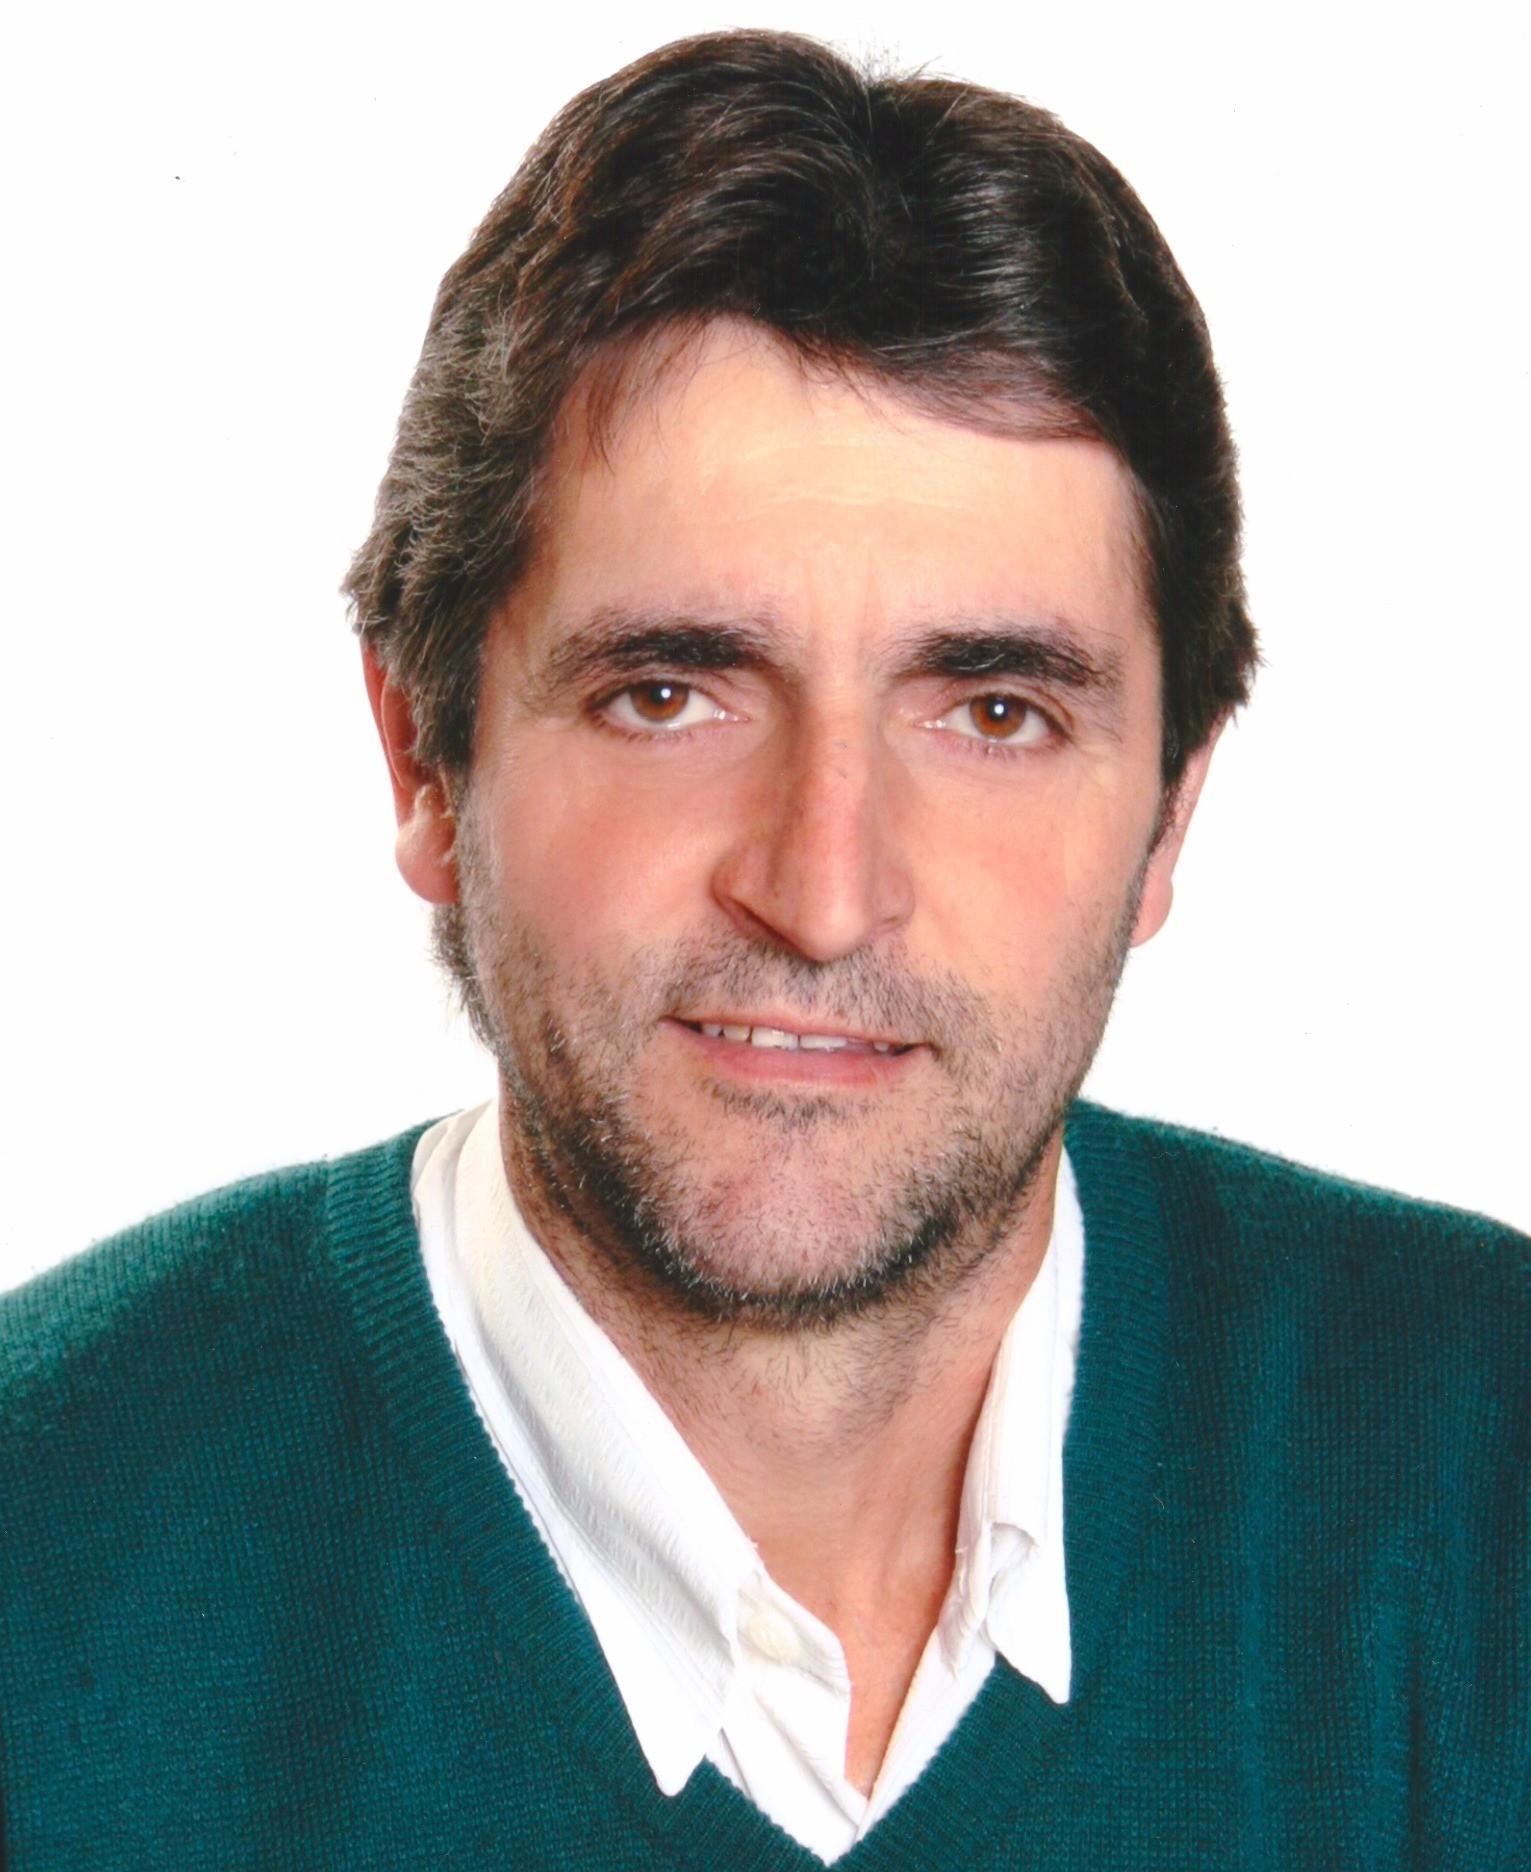 Foto do Vereador(a) Moacir Andreola Montanari